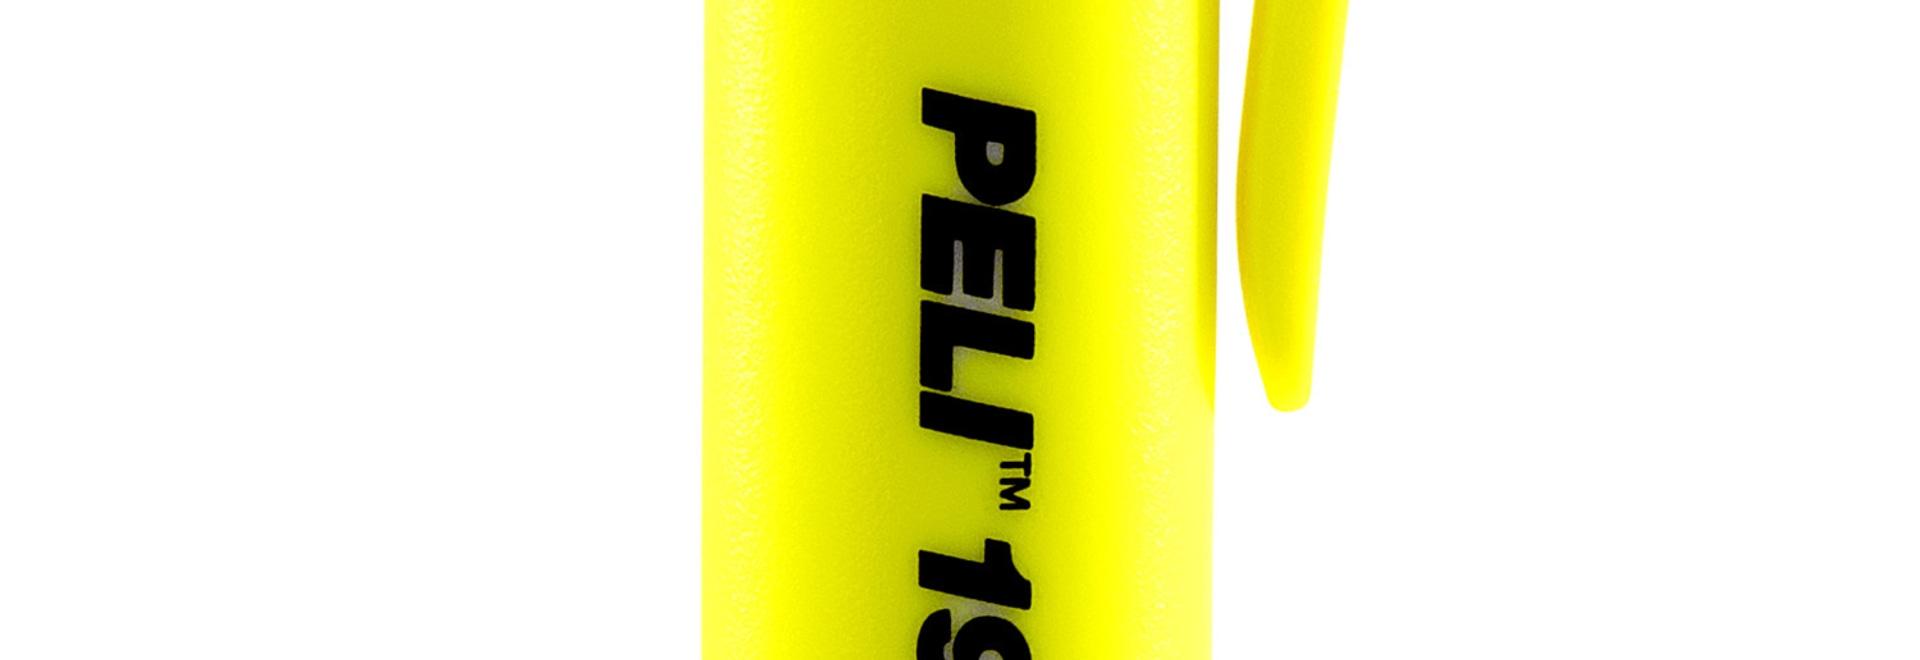 Peli präsentiert seine schmalsten AAA ATEX Zone 0&1 Taschenlampen: 1975Z0 & 1975Z1 LED-Stiftlampen